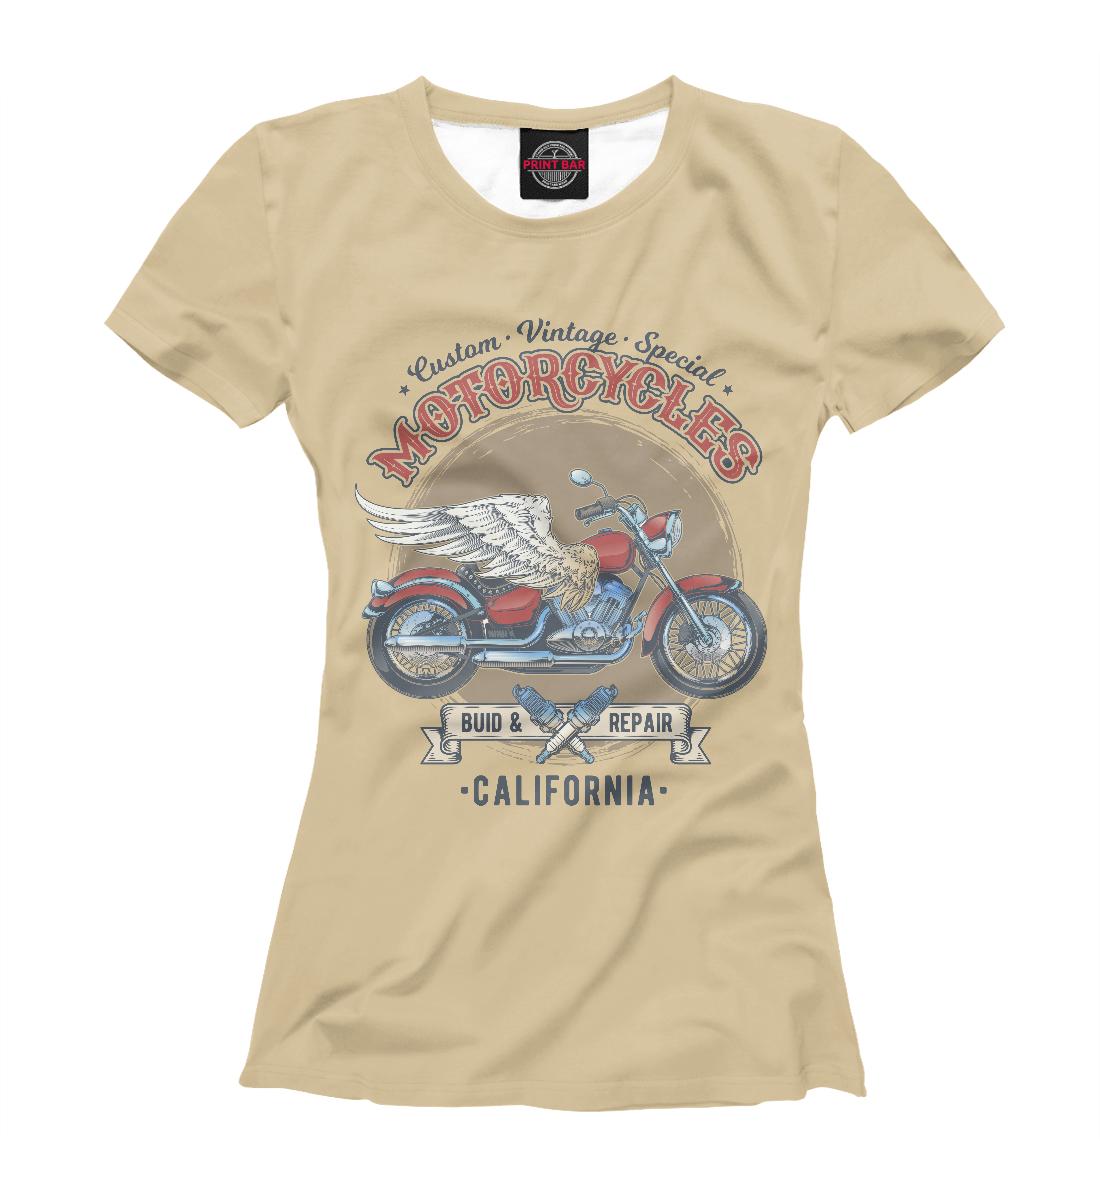 Vintage Motorcycles, Printbar, Футболки, MTR-670093-fut-1  - купить со скидкой